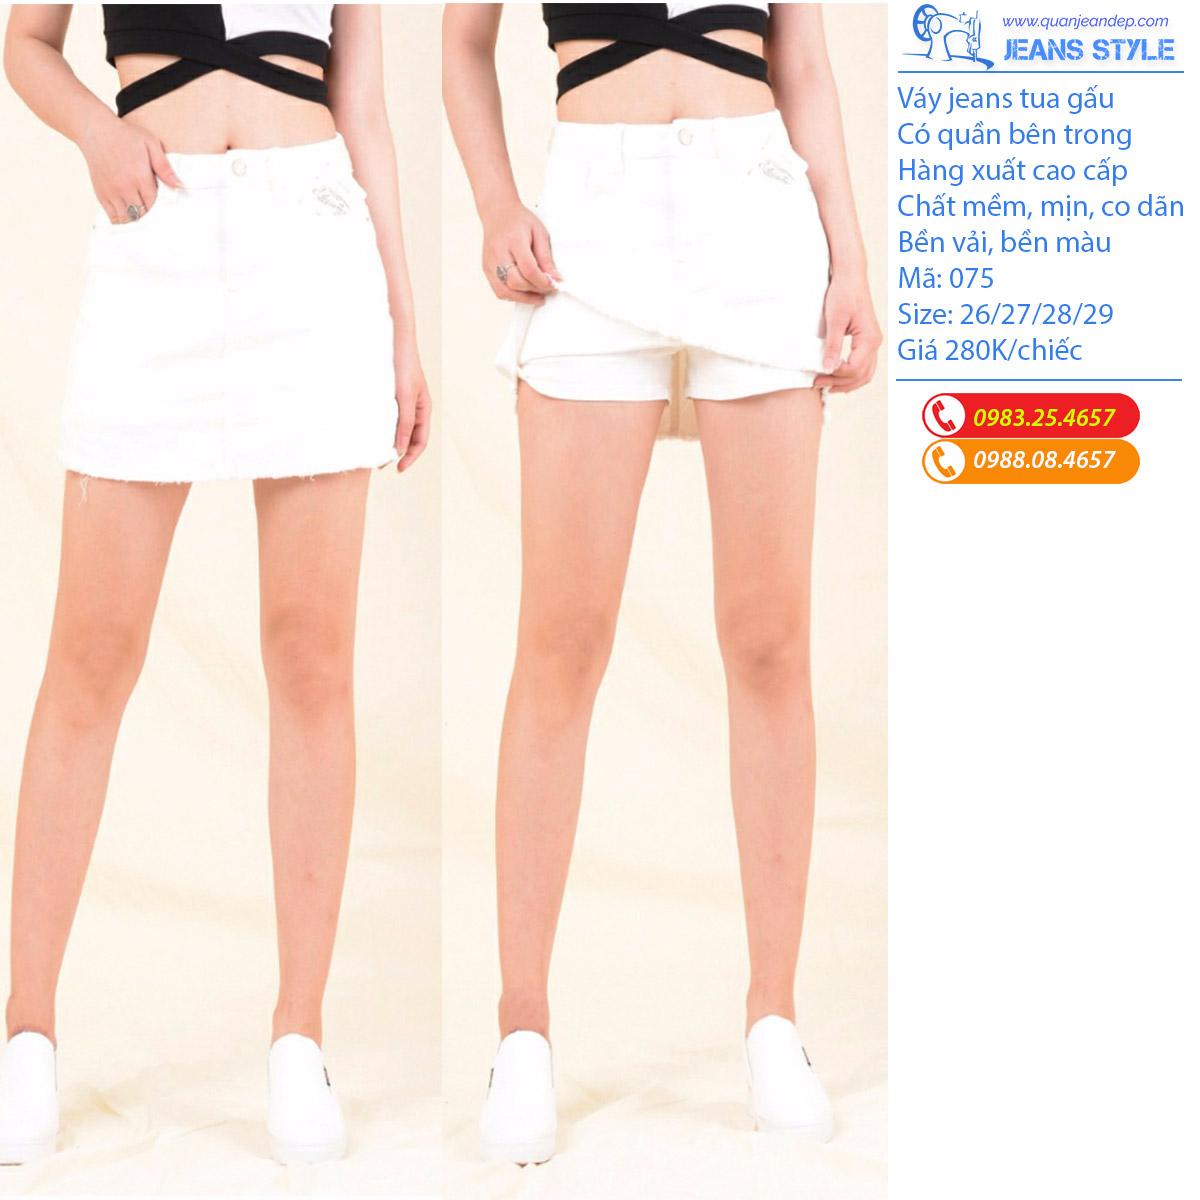 Sooc váy jeans đen trắng tua gấu 075 Giá:238.000,00 ₫